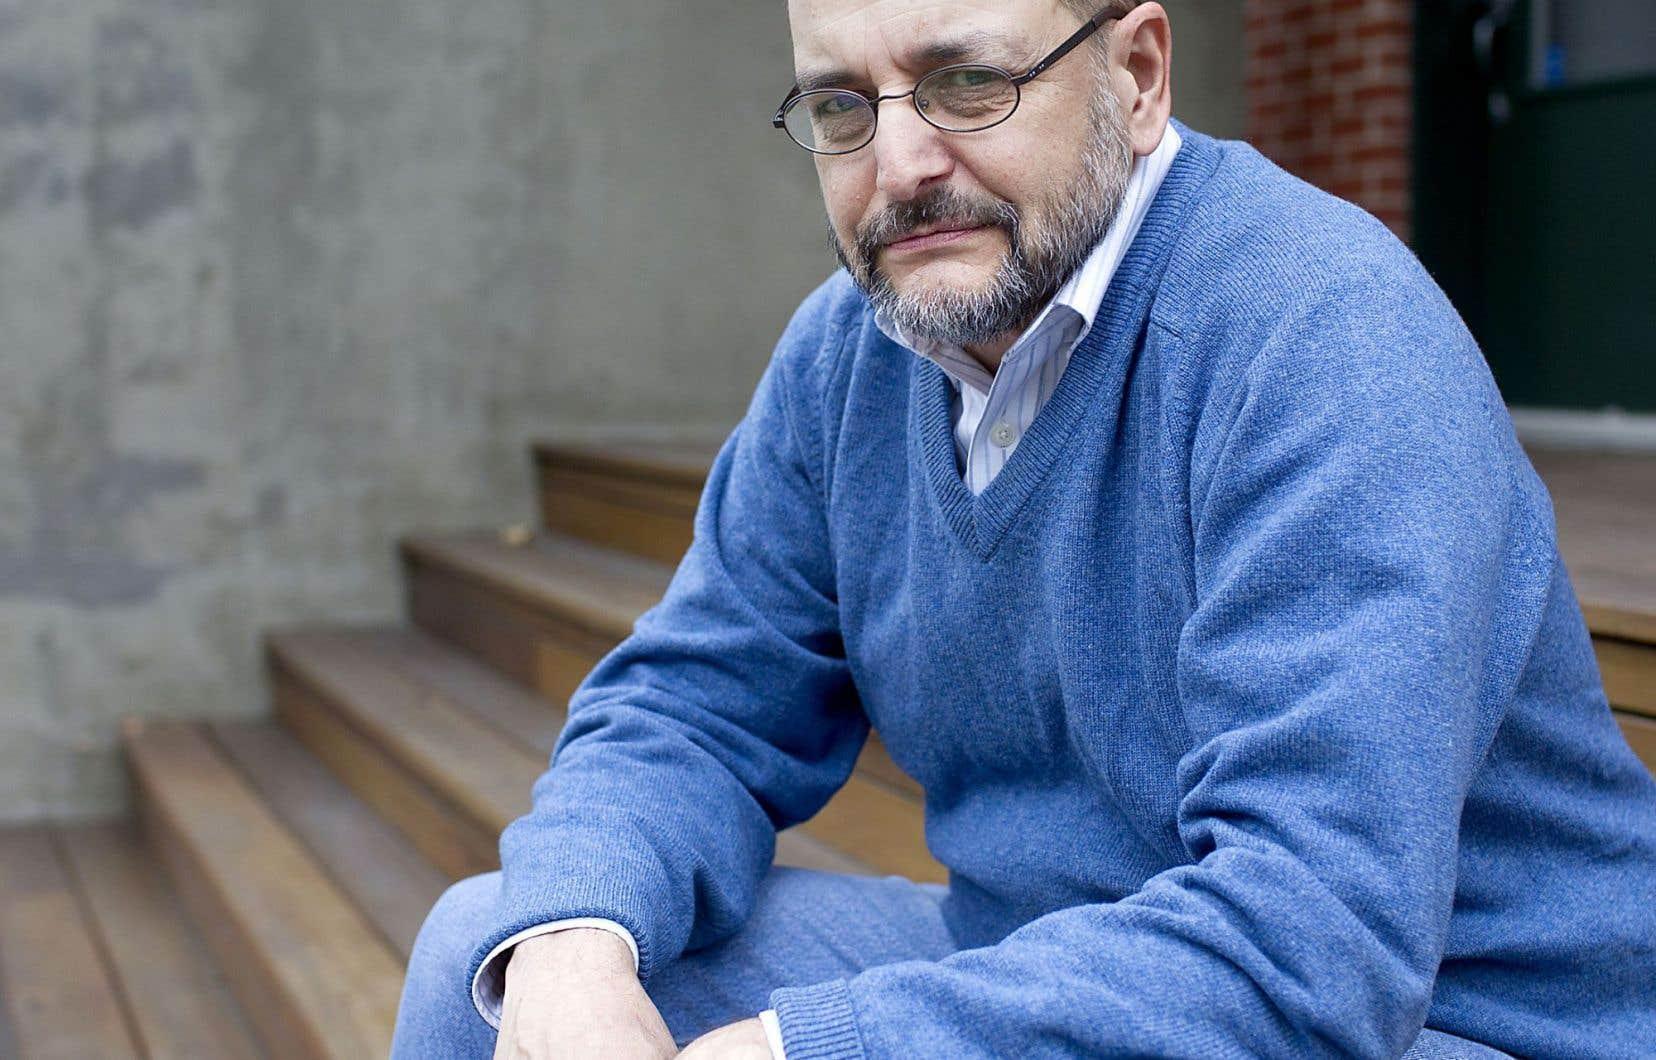 L'essayiste Benoît Melançon s'attaque aux préjugés sur la langue avec humour et intelligence dans son plus récent livre intitulé «Le niveau baisse!».